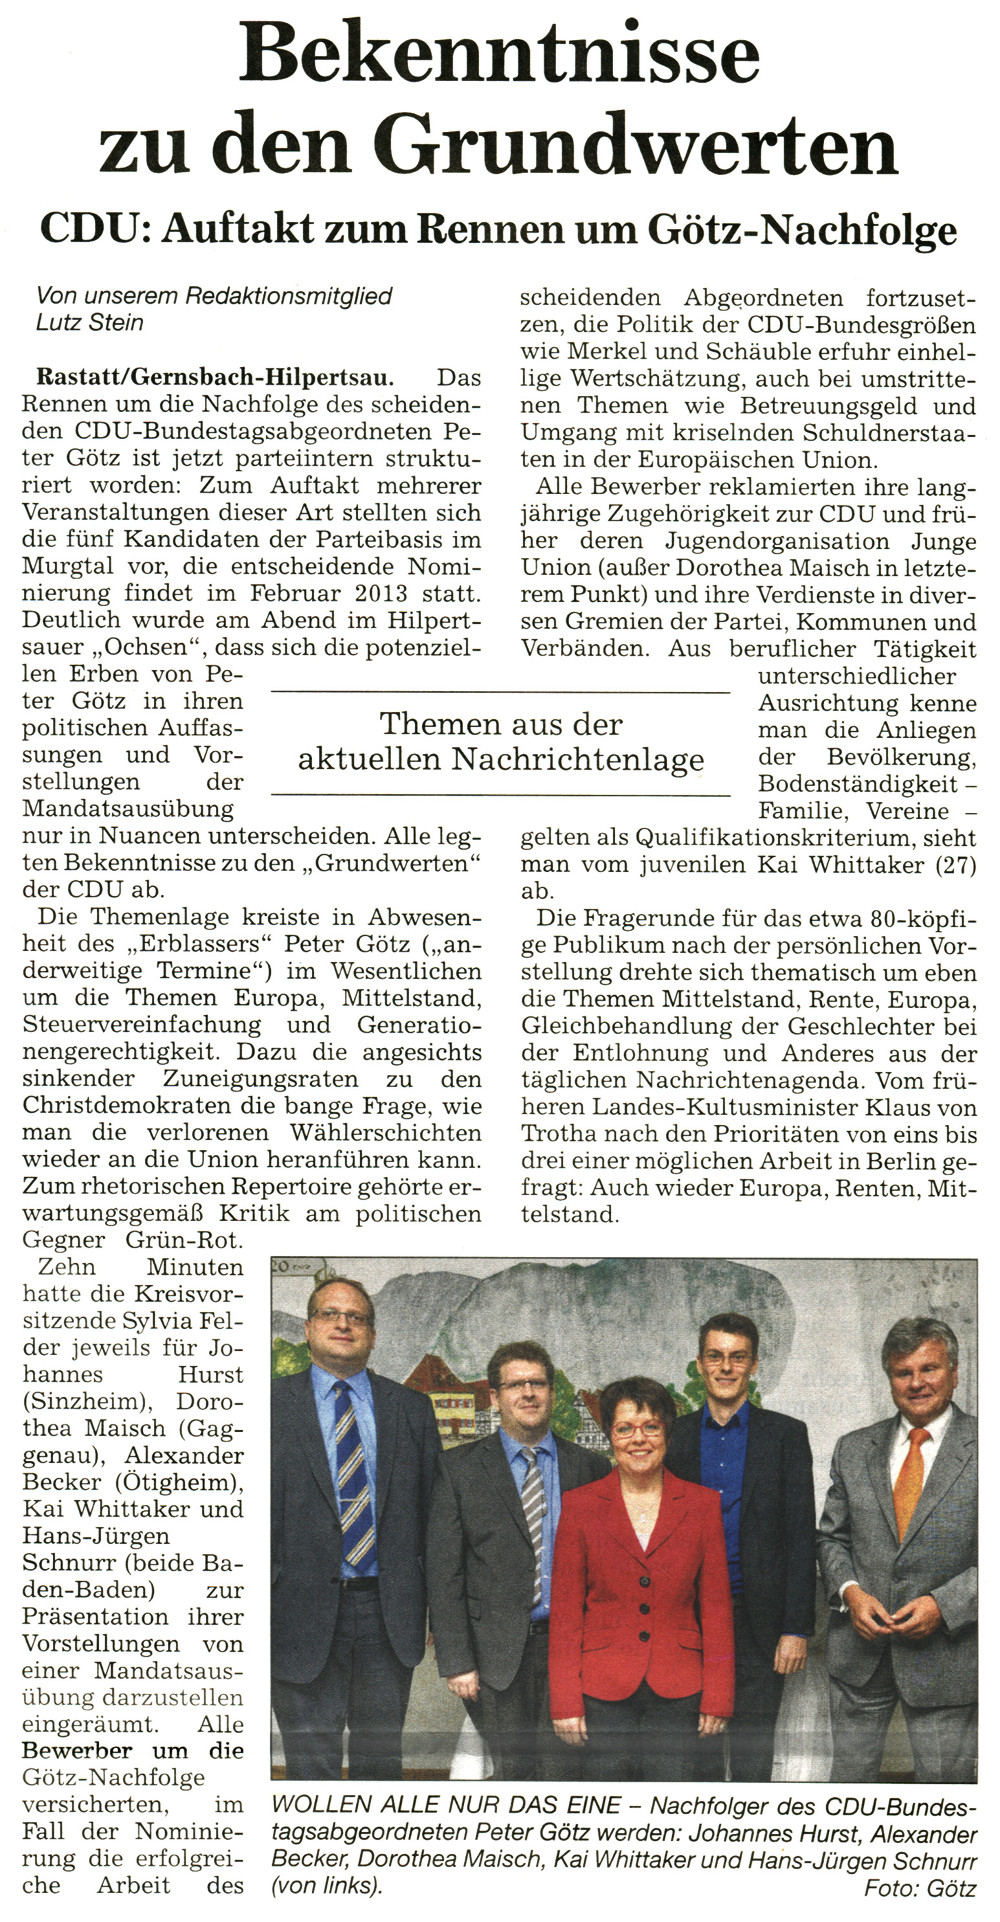 """Badische Neueste Nachrichten (BNN), 08.11.2012: """"Bekenntnisse zu den Grundwerten"""""""